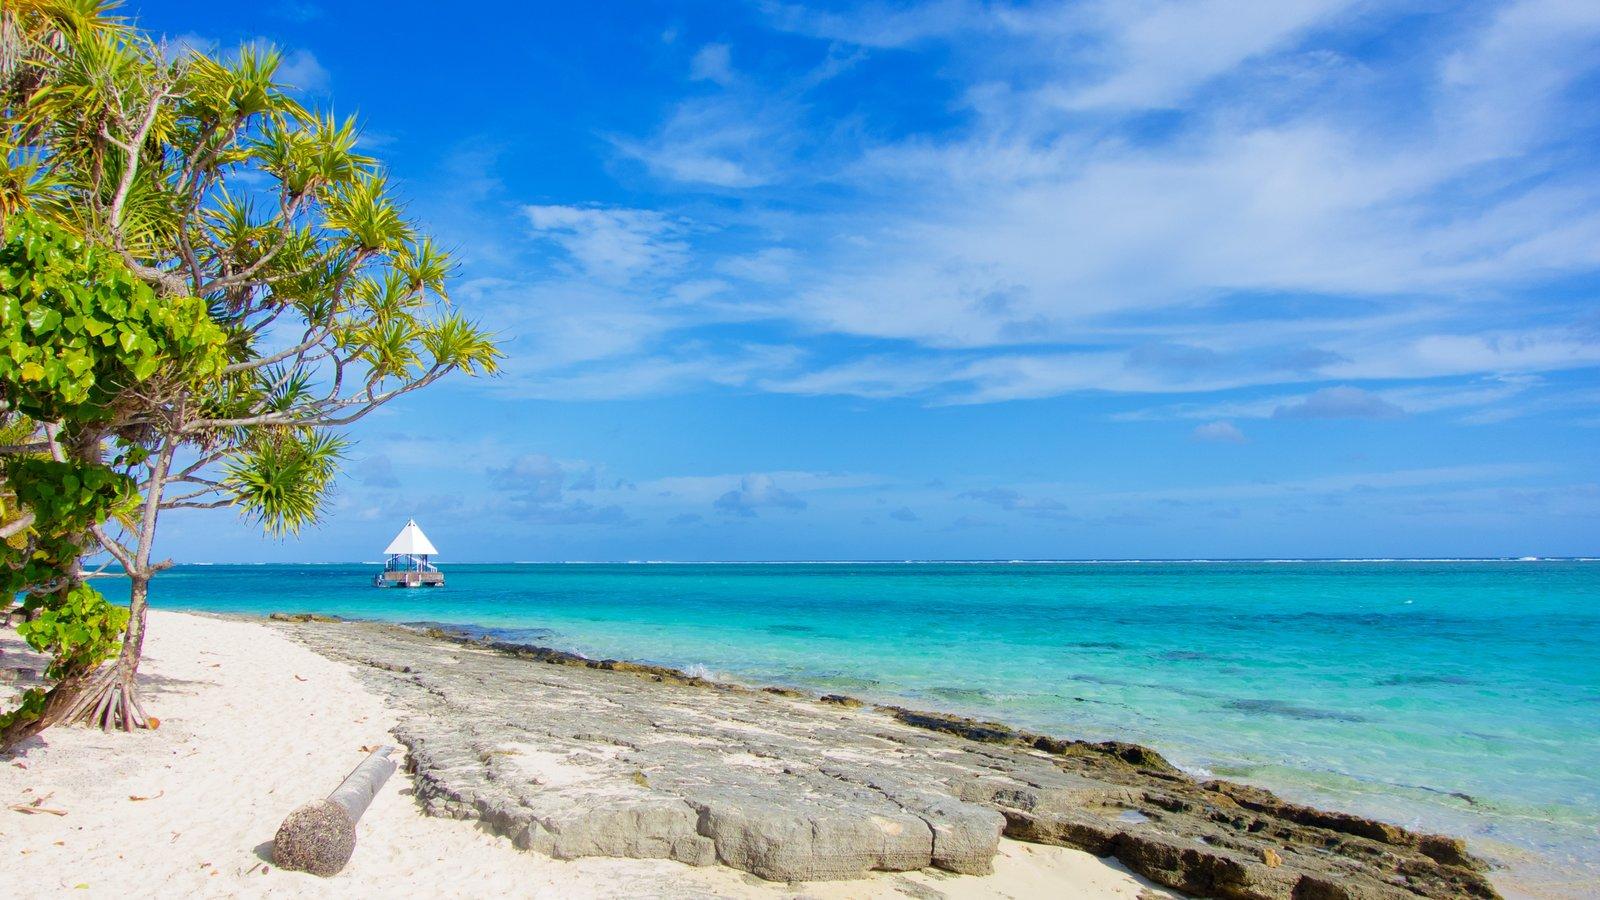 Beach Pictures: View Images of Vanuatu